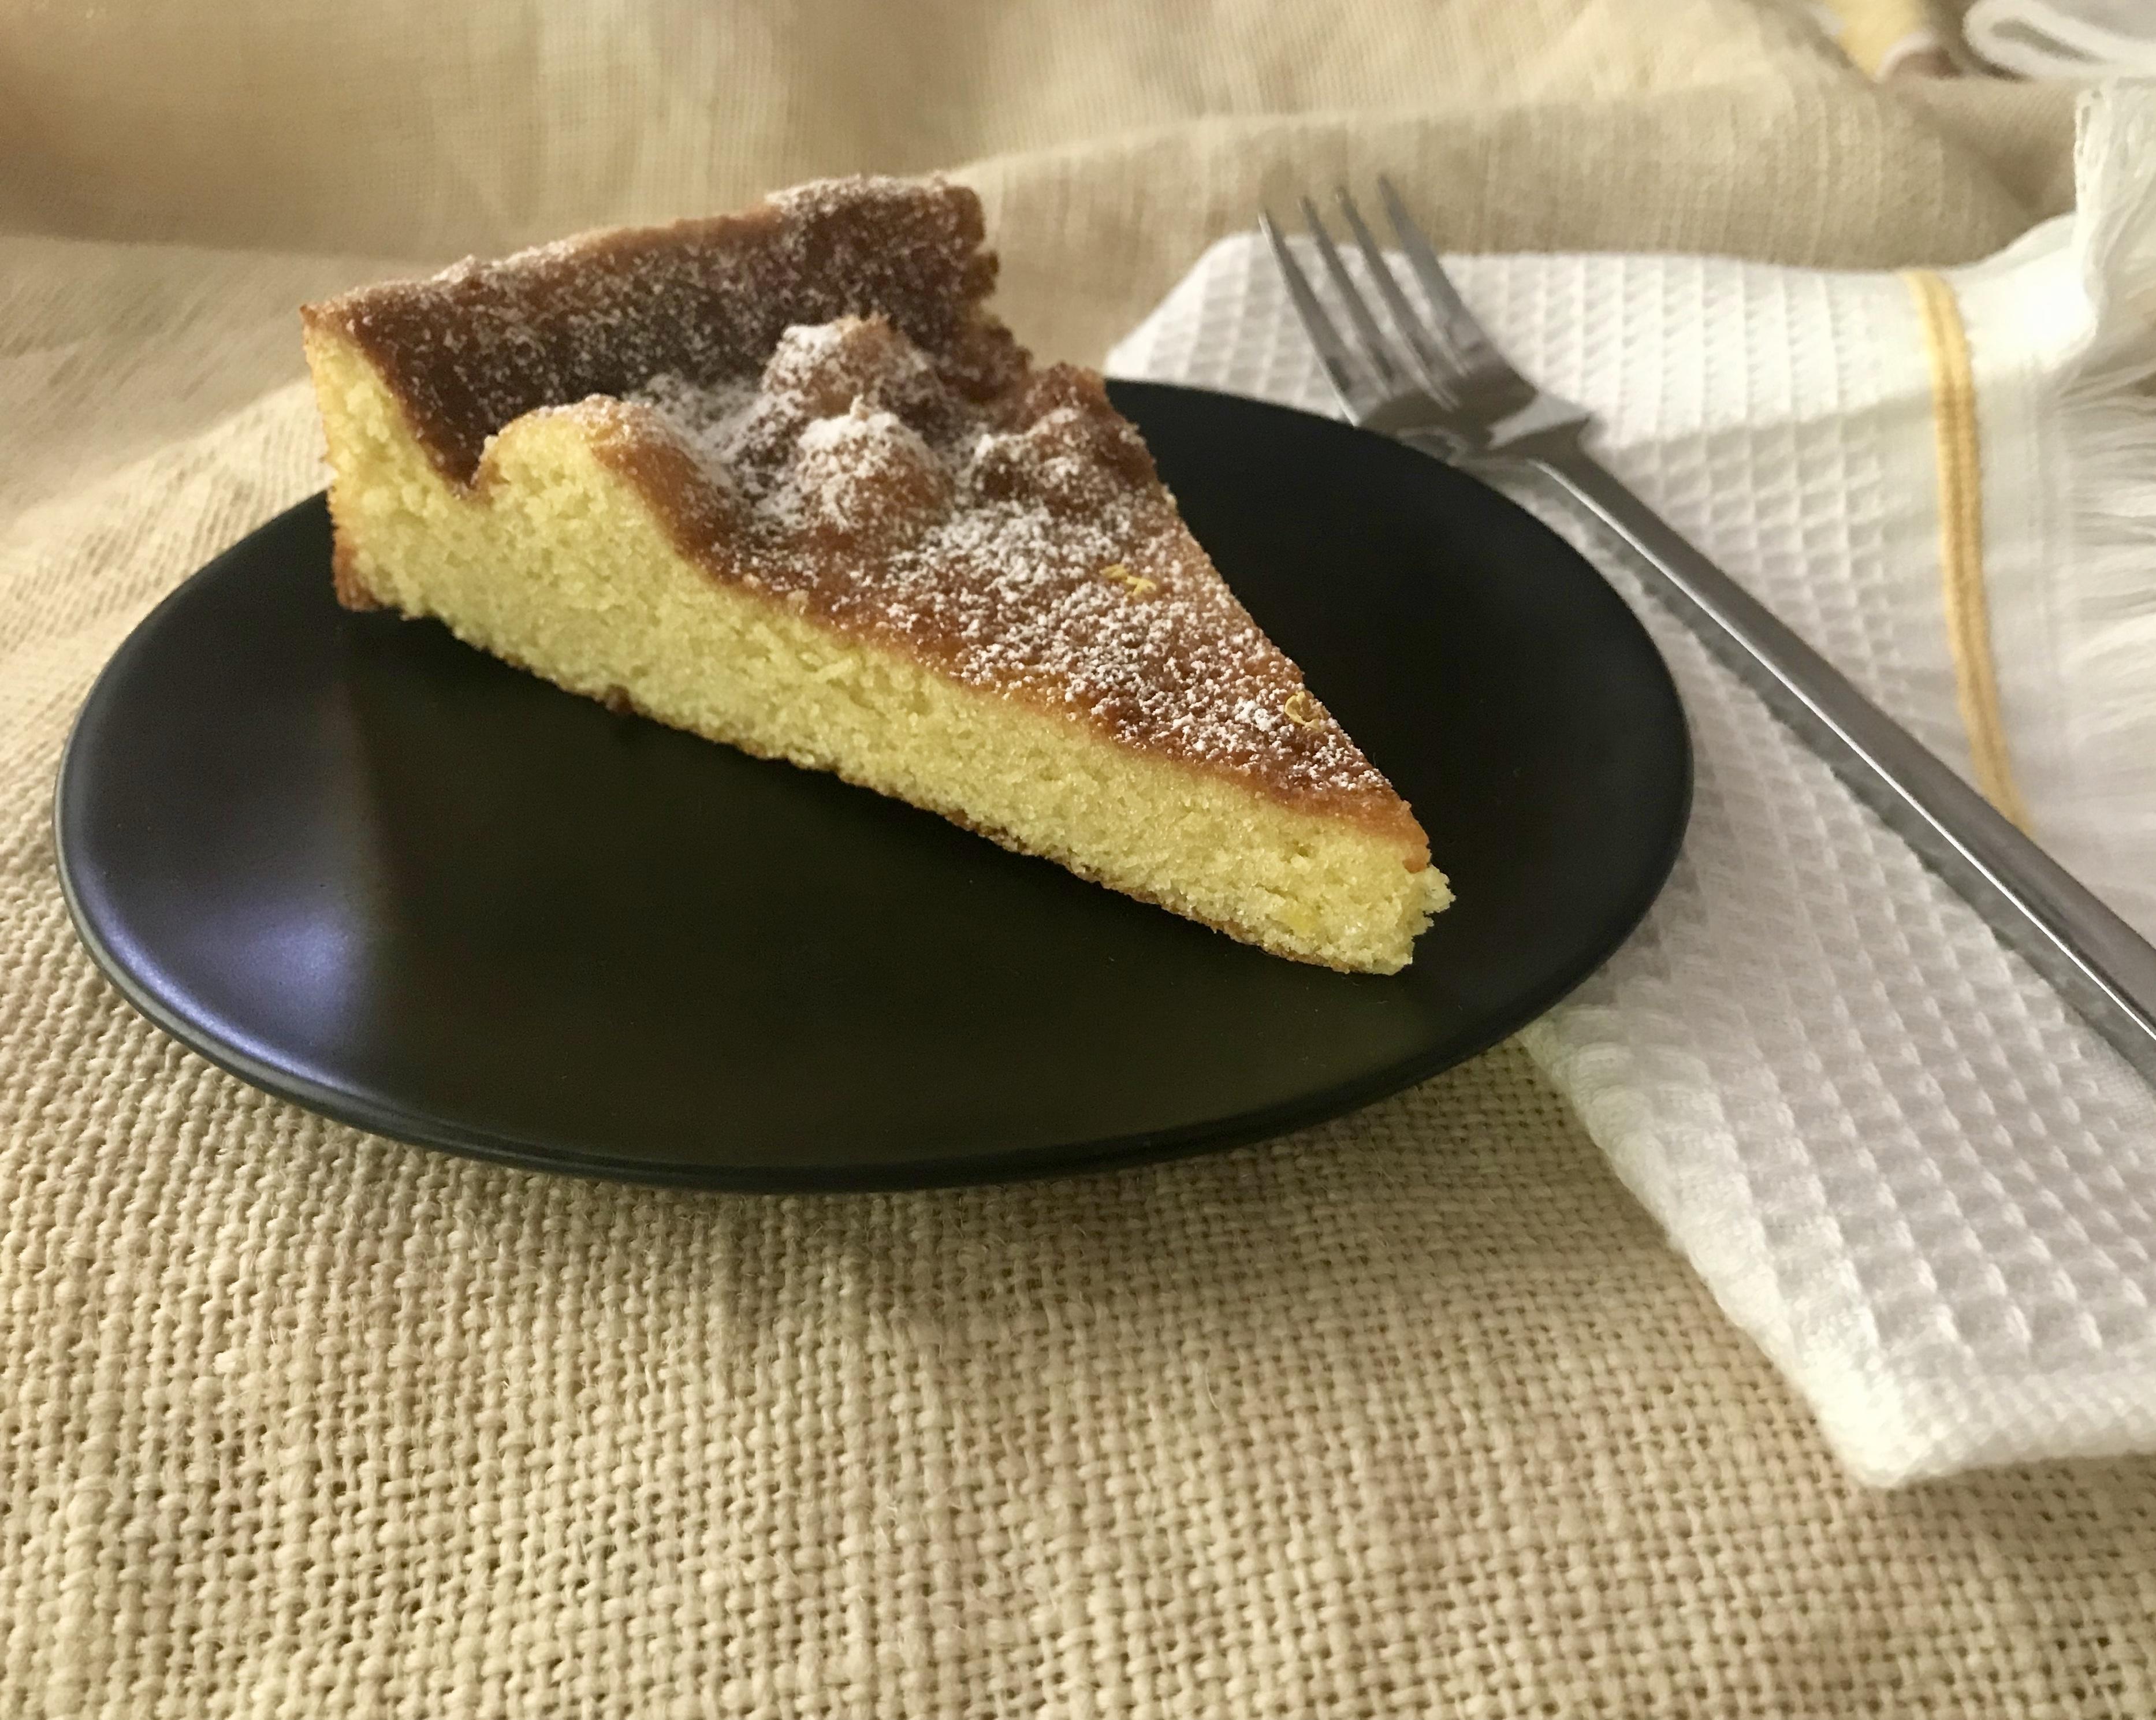 Tarta de Santiago on a plate